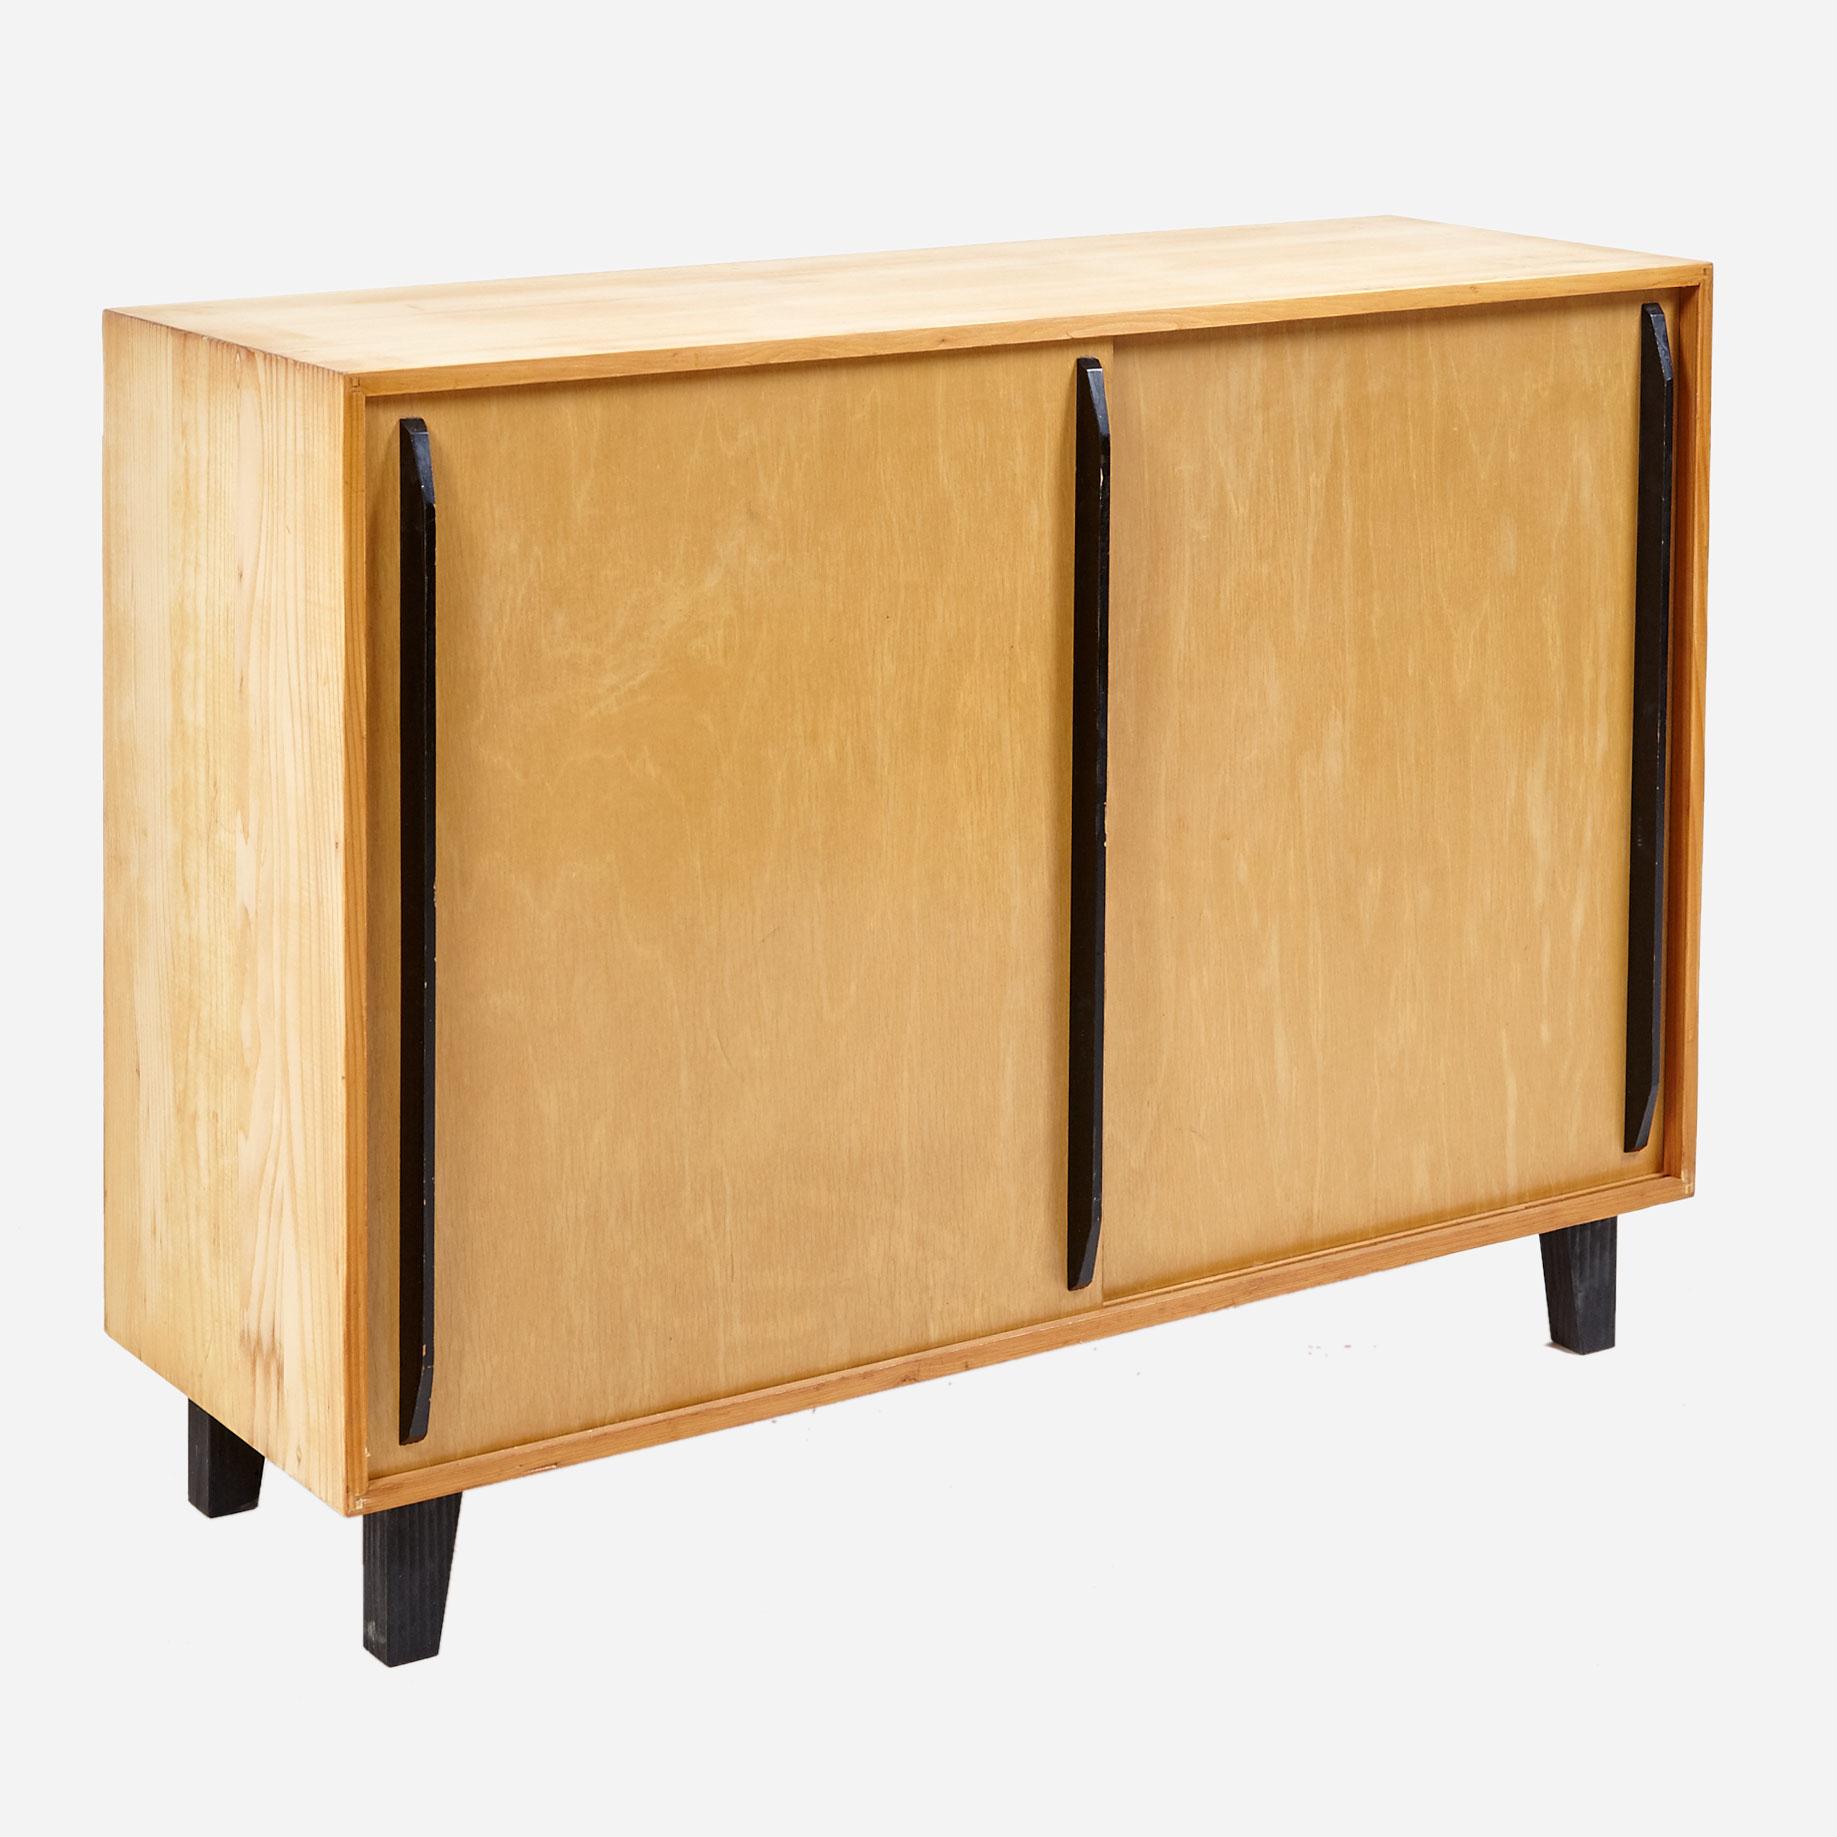 schiebeschrank geschliffen und ge lt m bel z rich vintagem bel. Black Bedroom Furniture Sets. Home Design Ideas